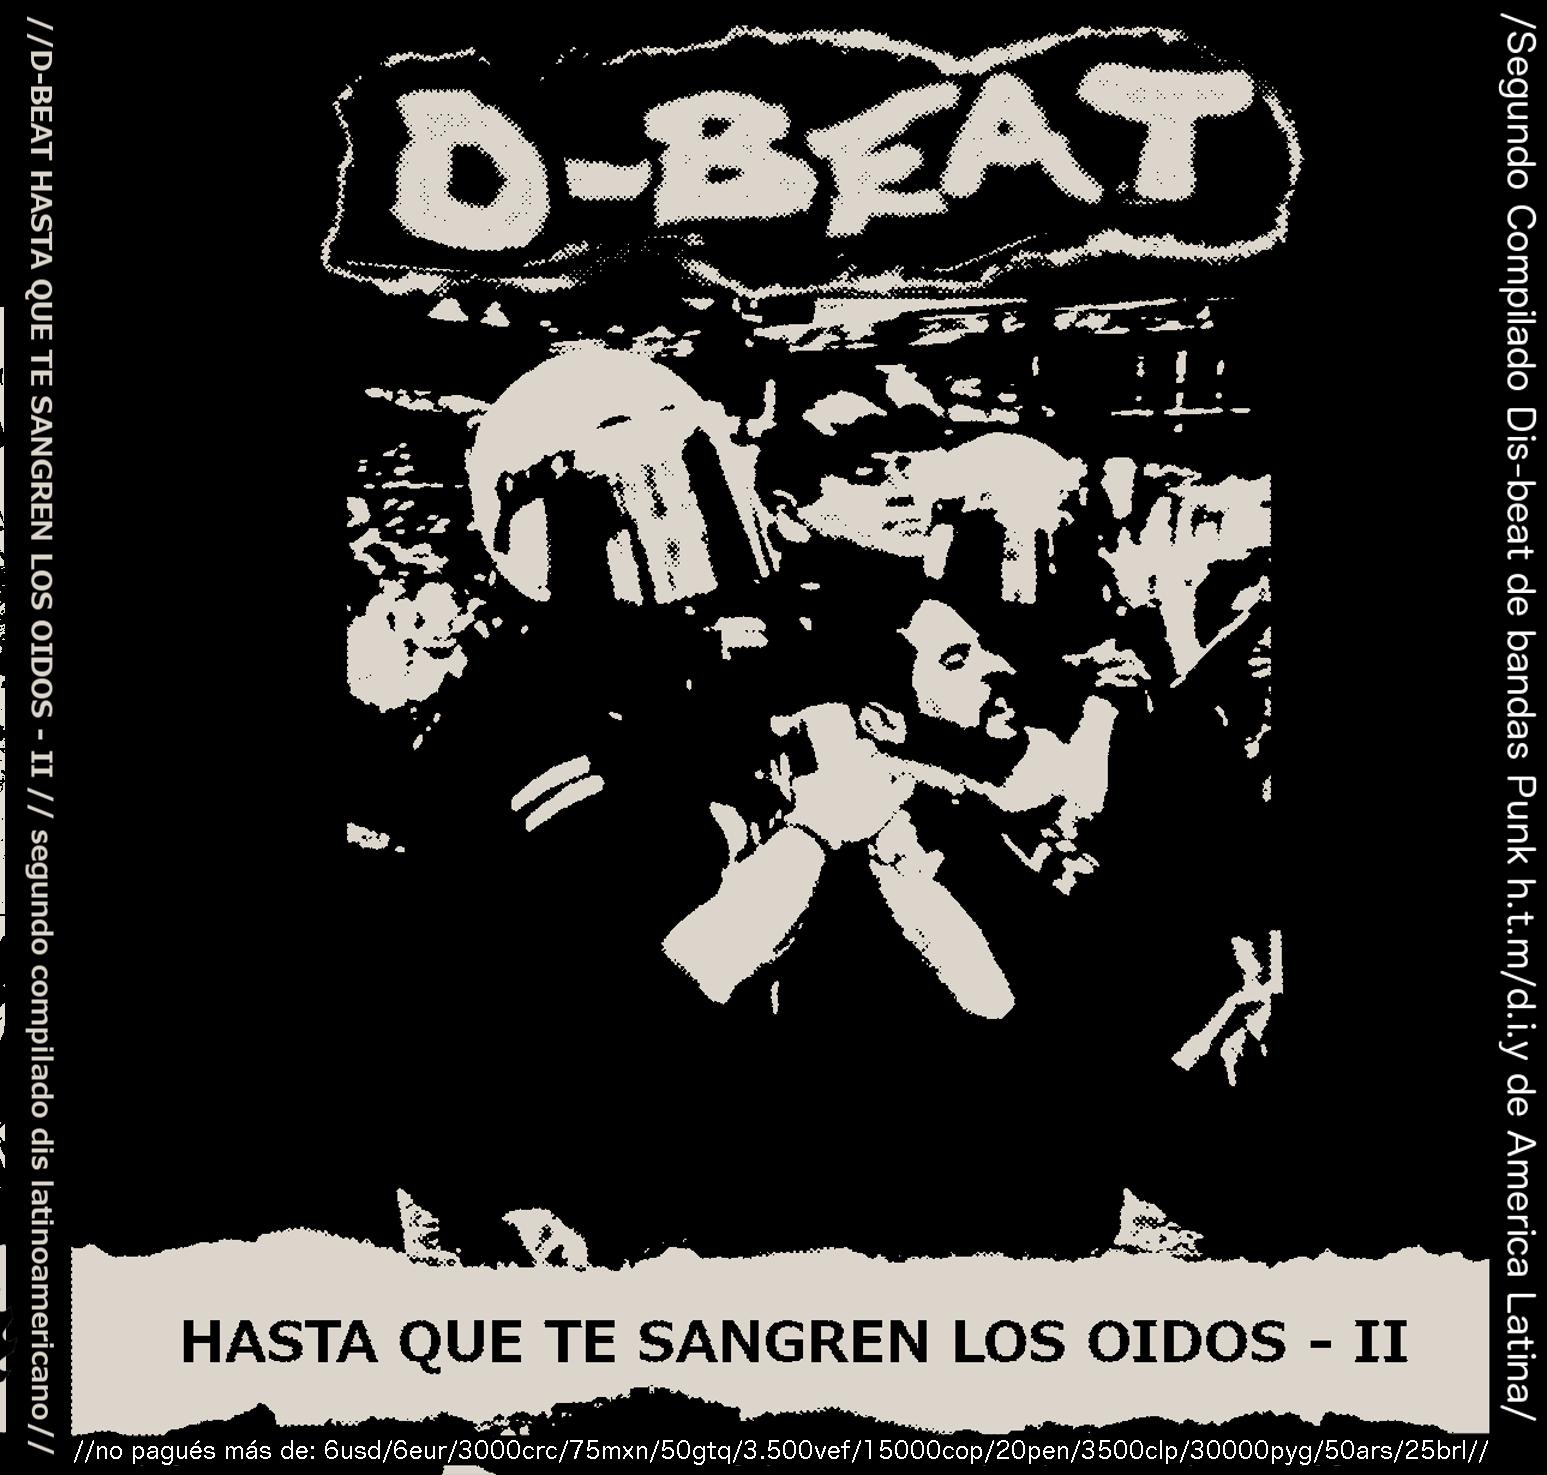 D-BEAT HASTA QUE TE SANGREN LOS OIDOS II